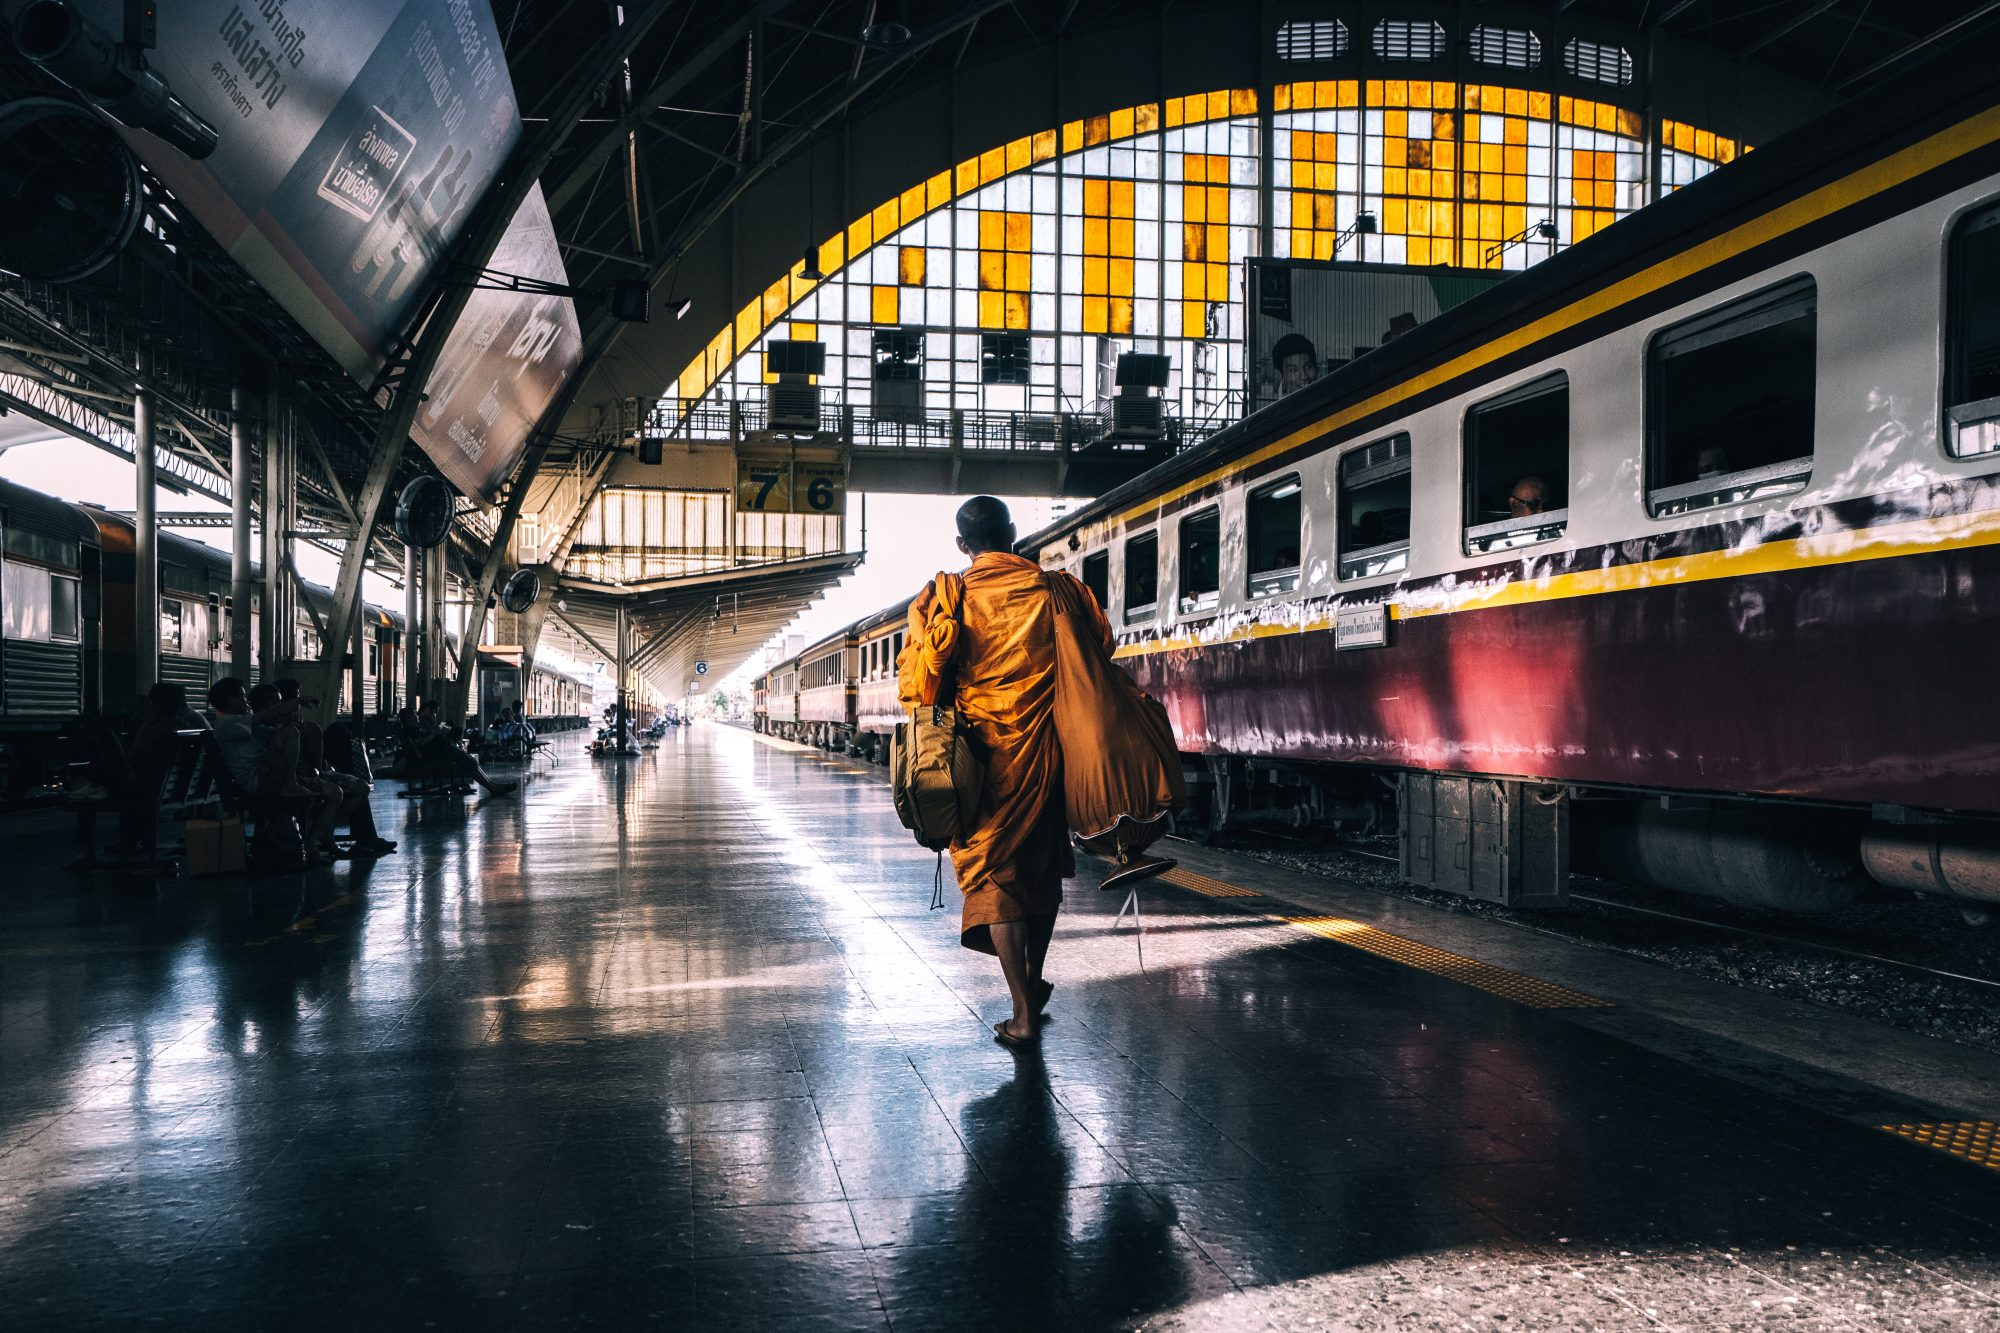 Monk walking on train station platform in Bangkok Thailand on SelfishMe Travel LLC